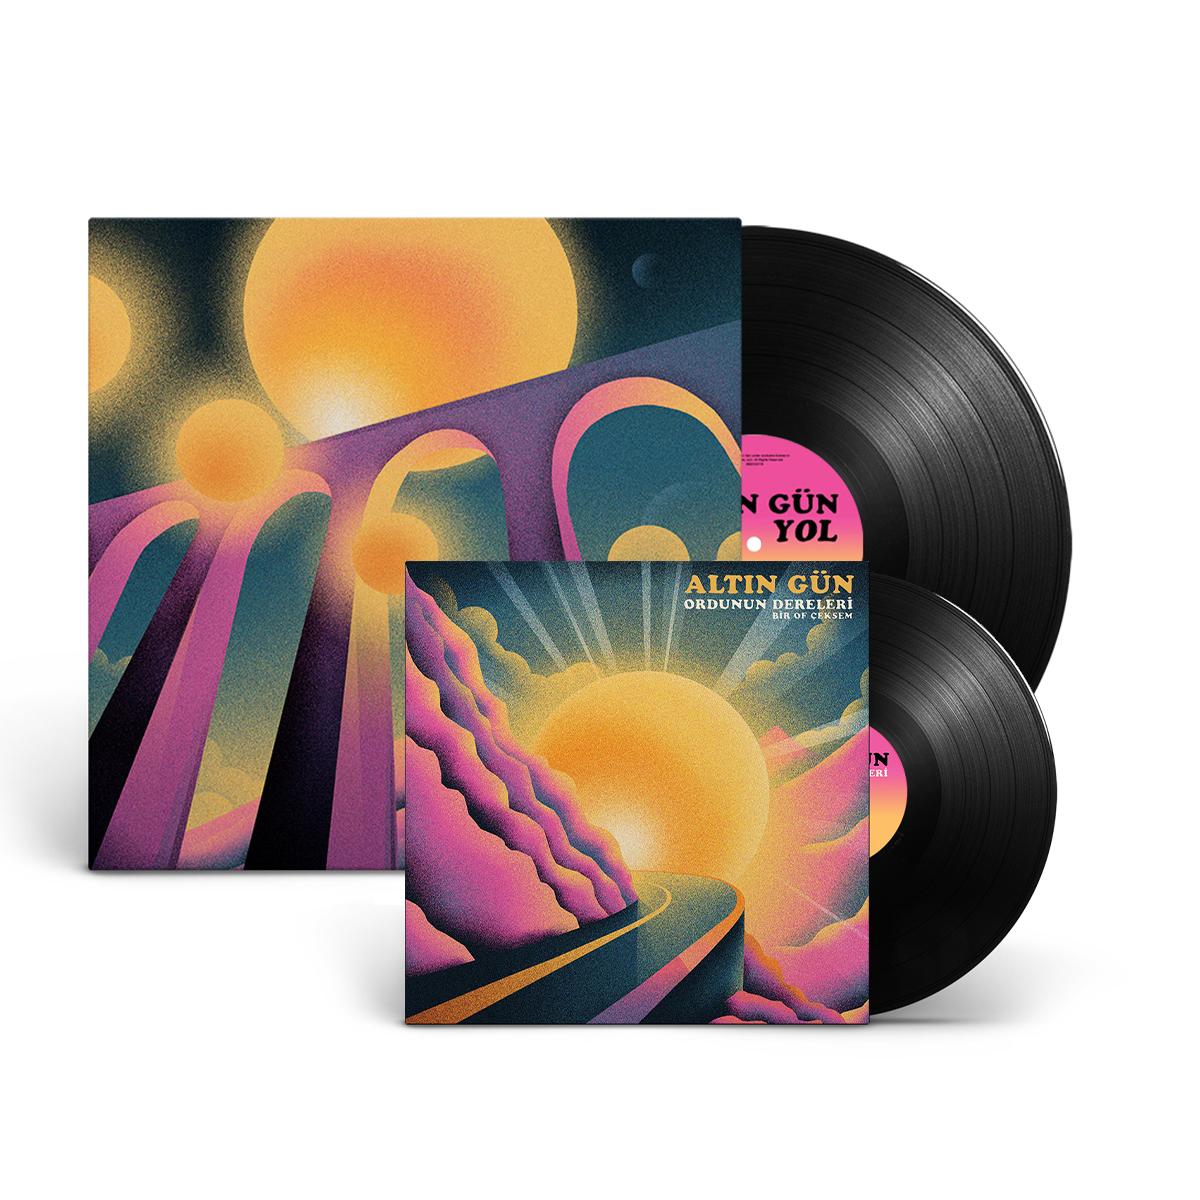 """'Yol' Vinyl + 'Ordunun Dereleri' 7"""" Bundle"""